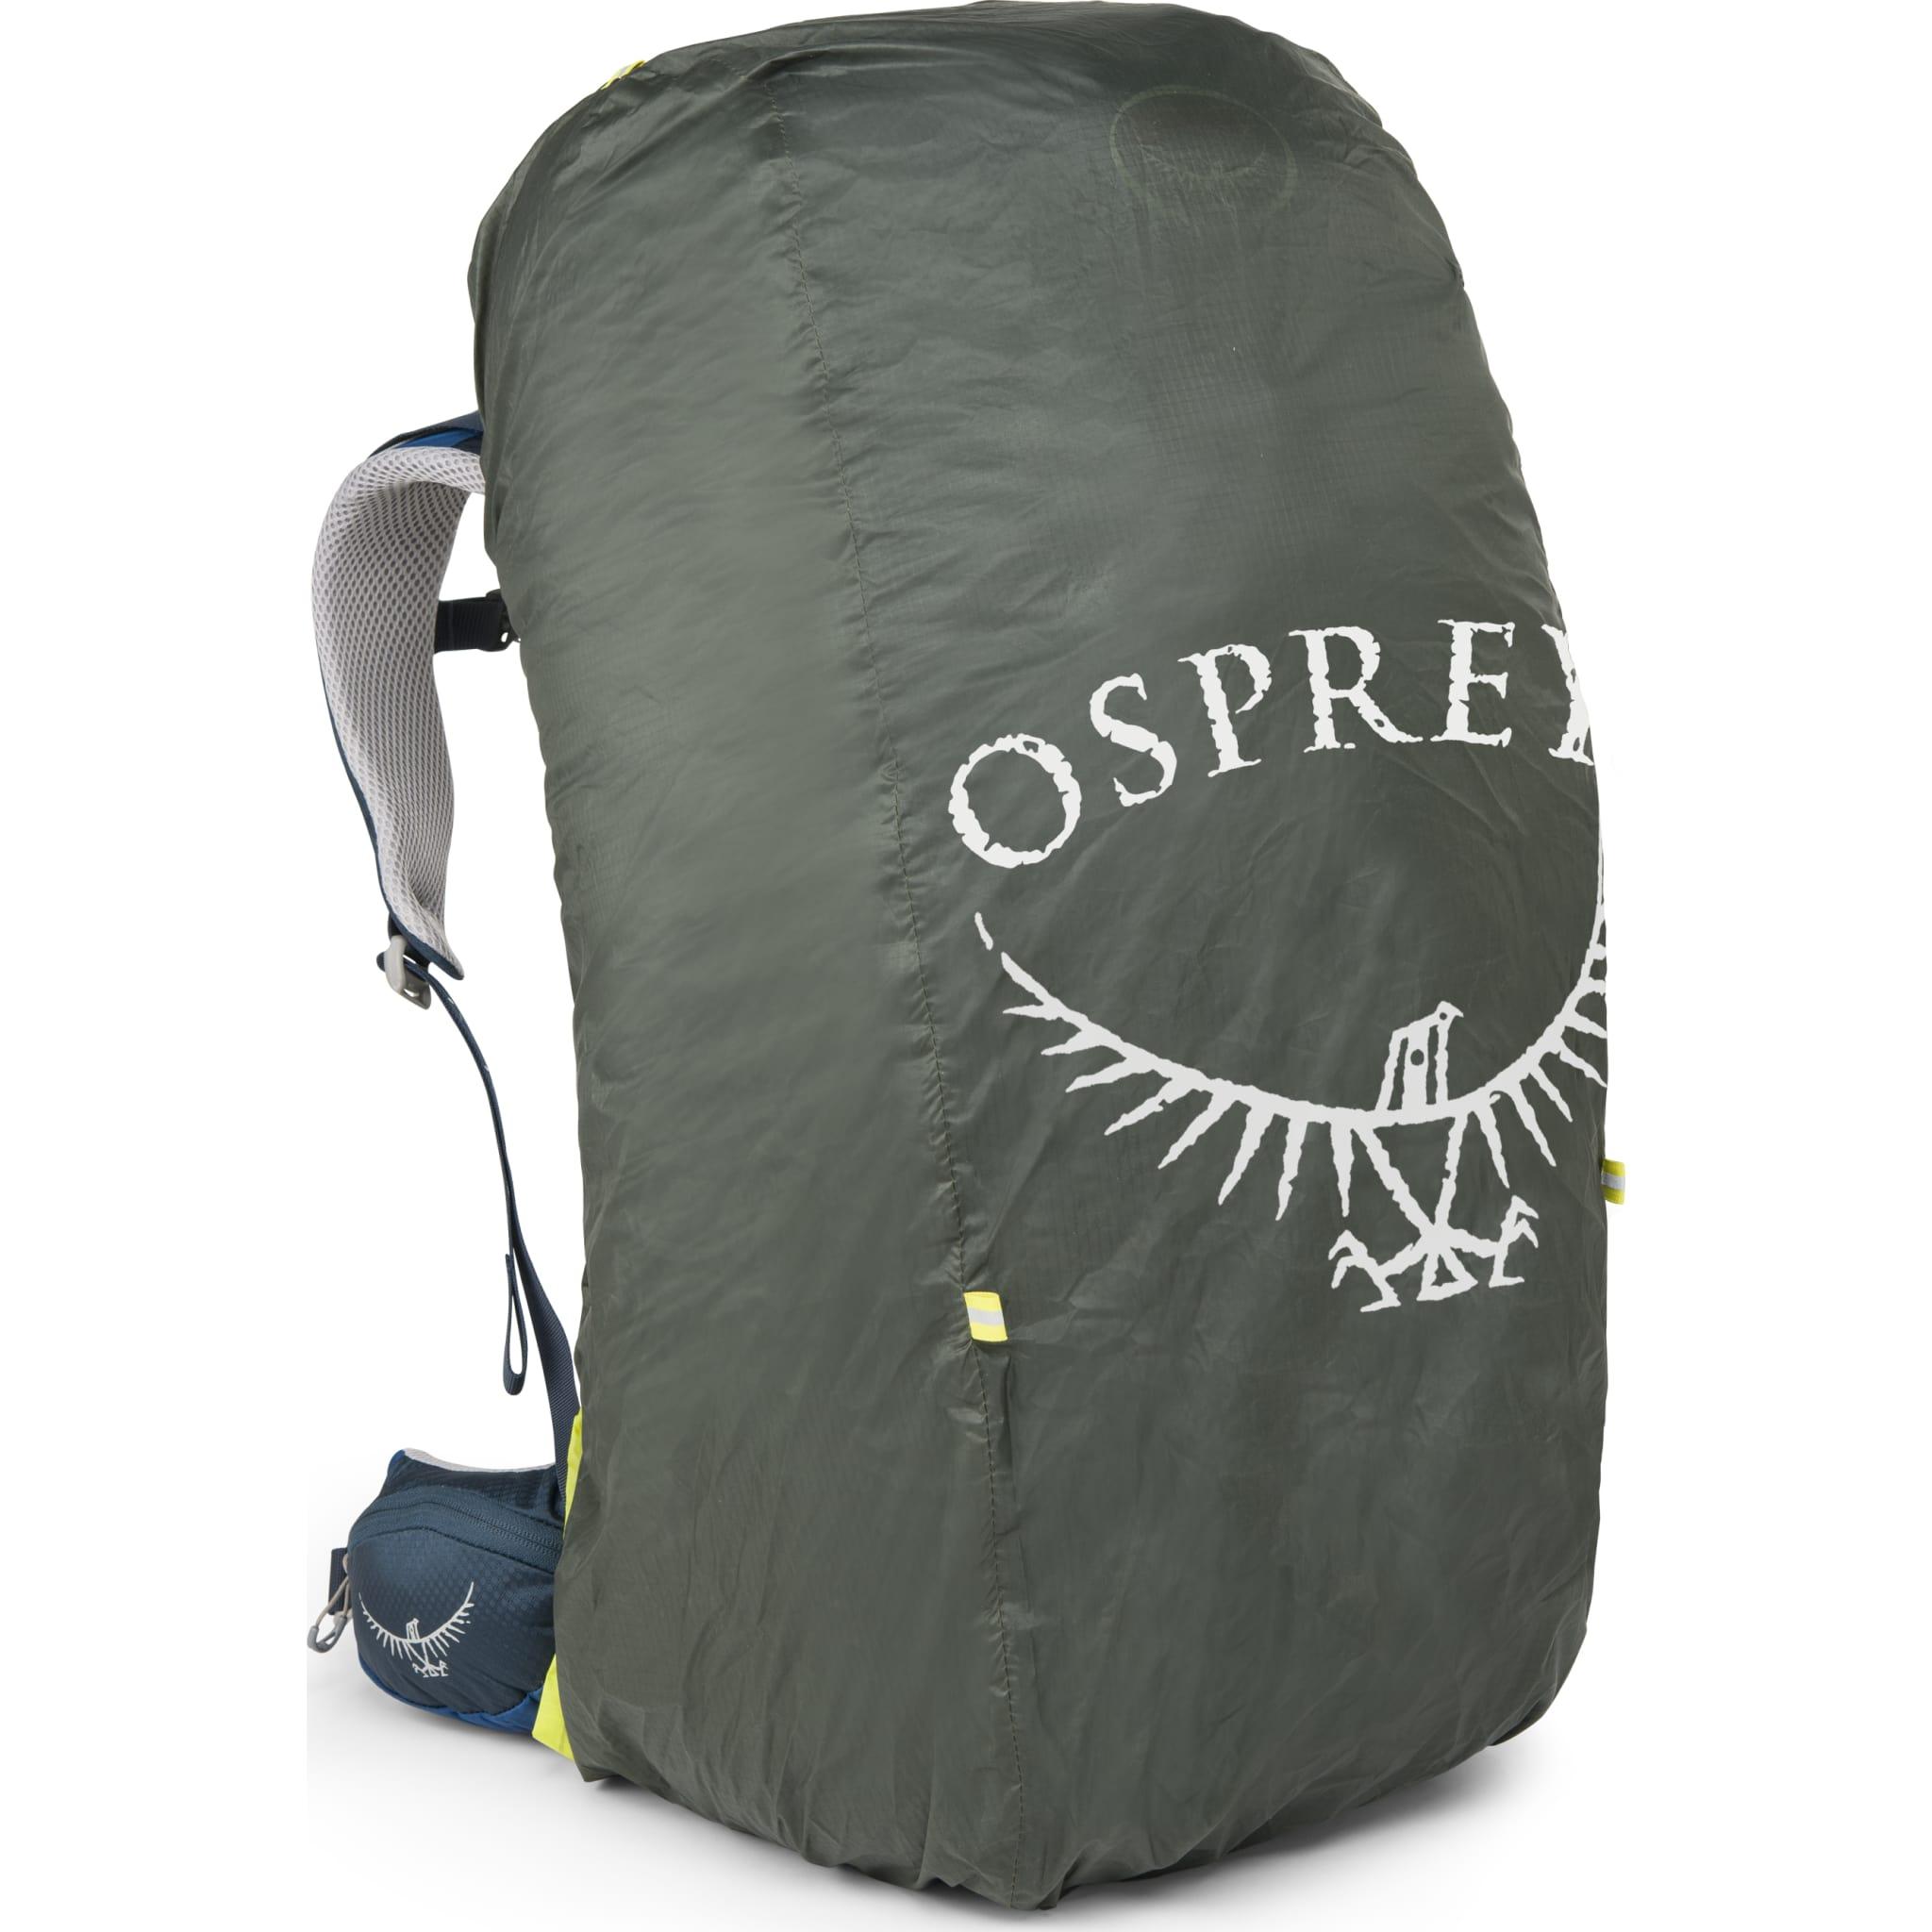 Superlett regntrekk til Osprey-sekker.